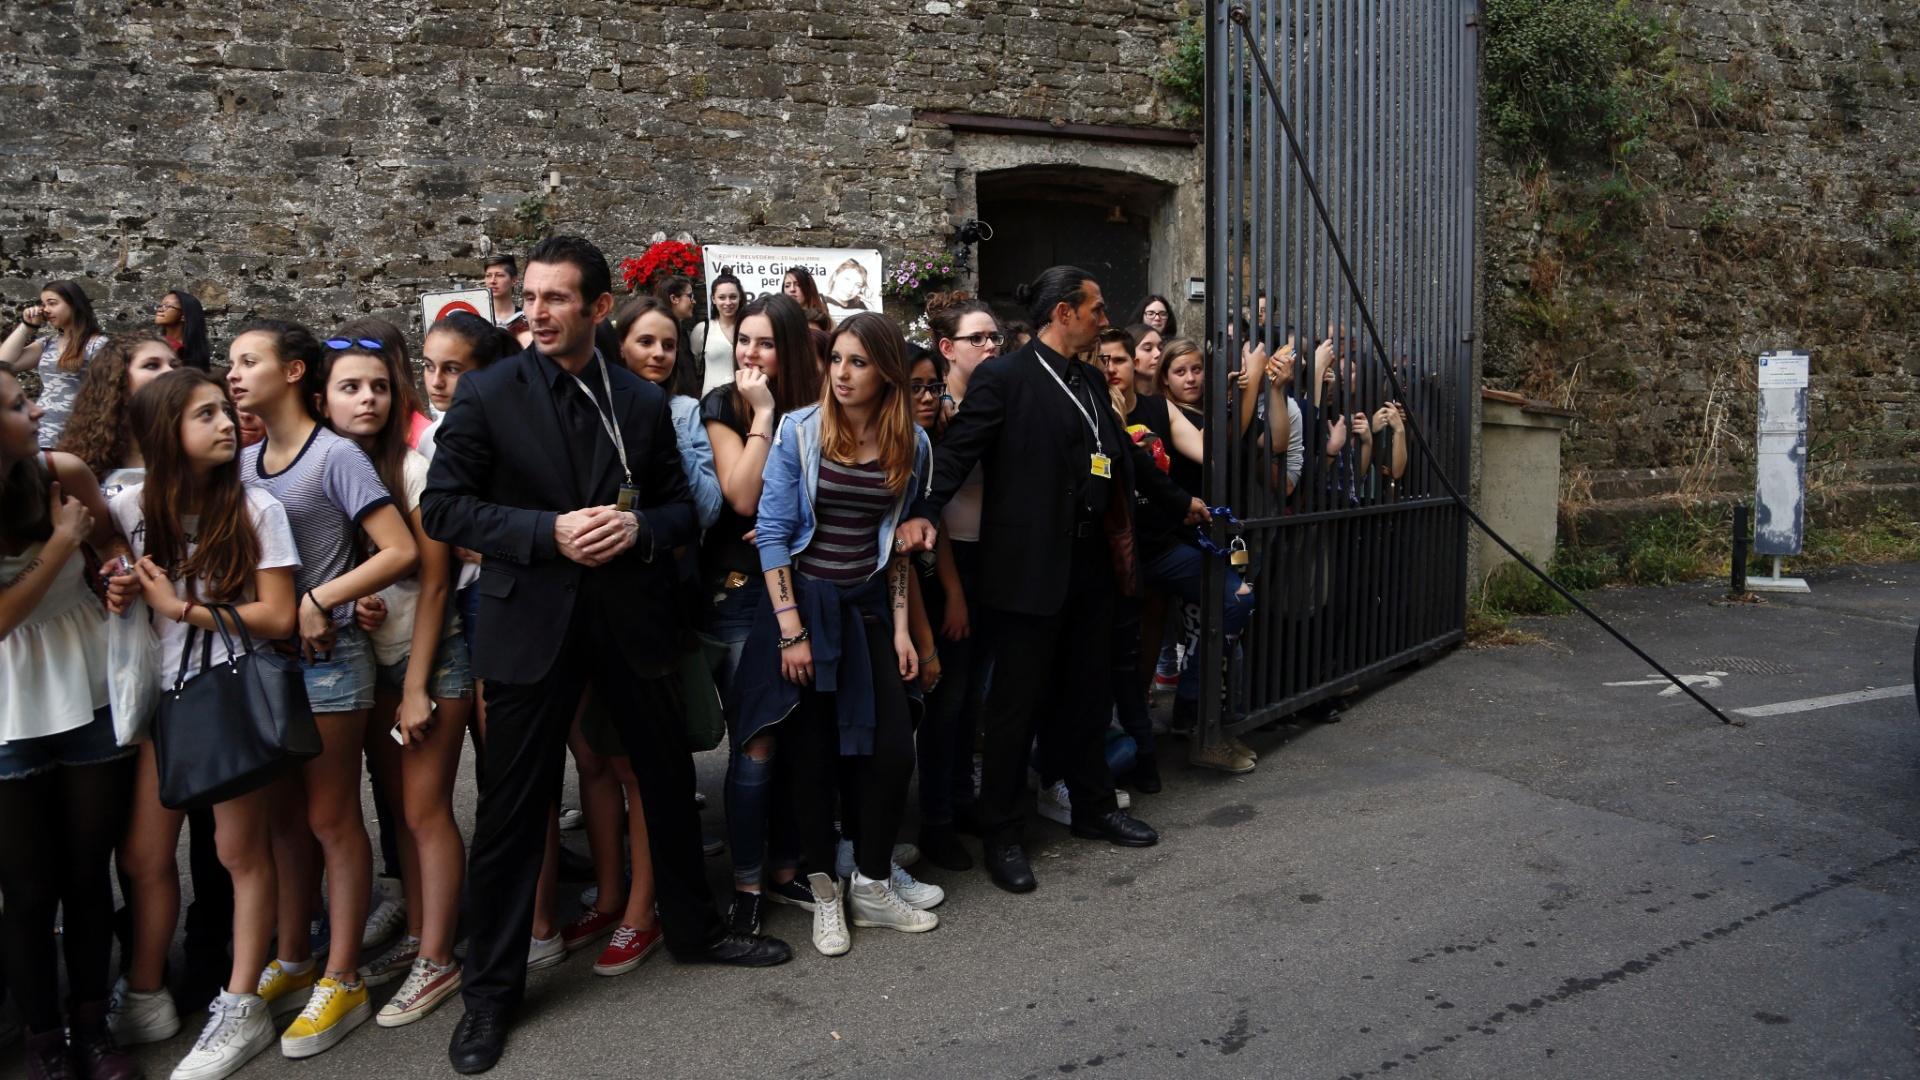 24.mai.2014 - Multidão se aglomera na porta do Forte di Belvedere para acompanhar a chegada dos convidados ao casamento. A cerimônia foi fechada para família e os convidados são pouco conhecidos dos moradores, mas o evento movimentou a cidade italiana